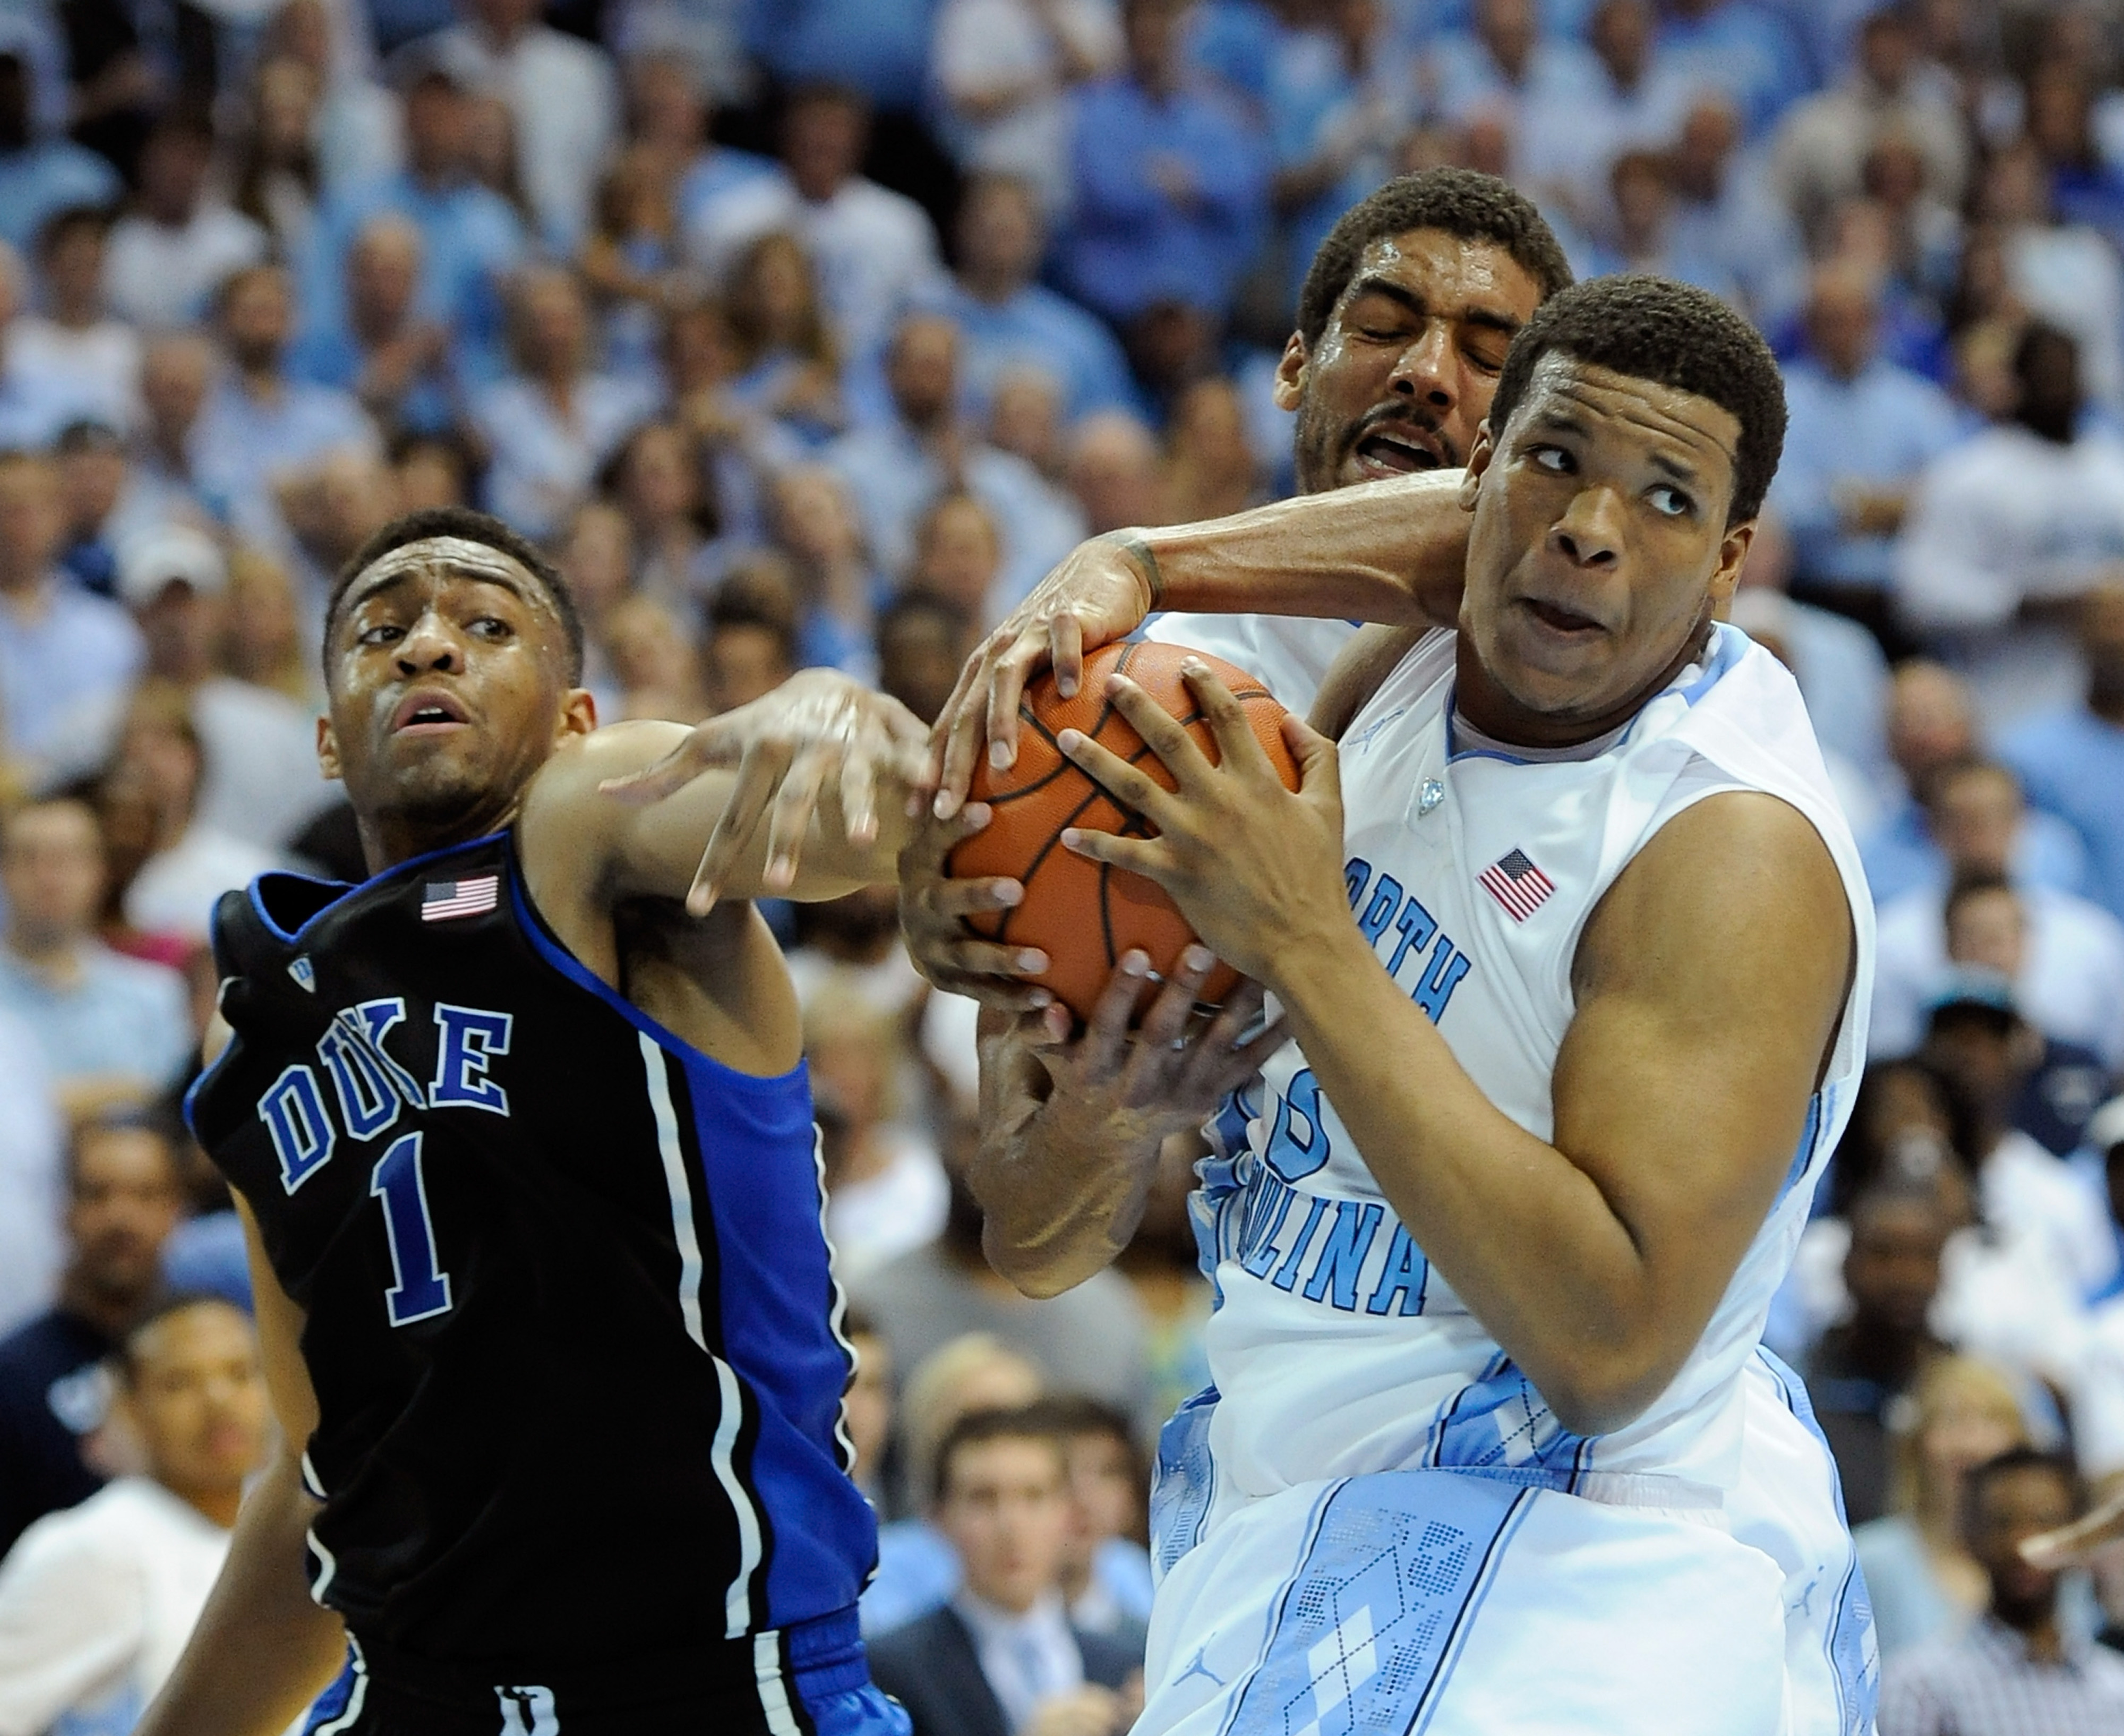 Duke vs. North Carolina: Tar Heels rally past Blue Devils, 74-66